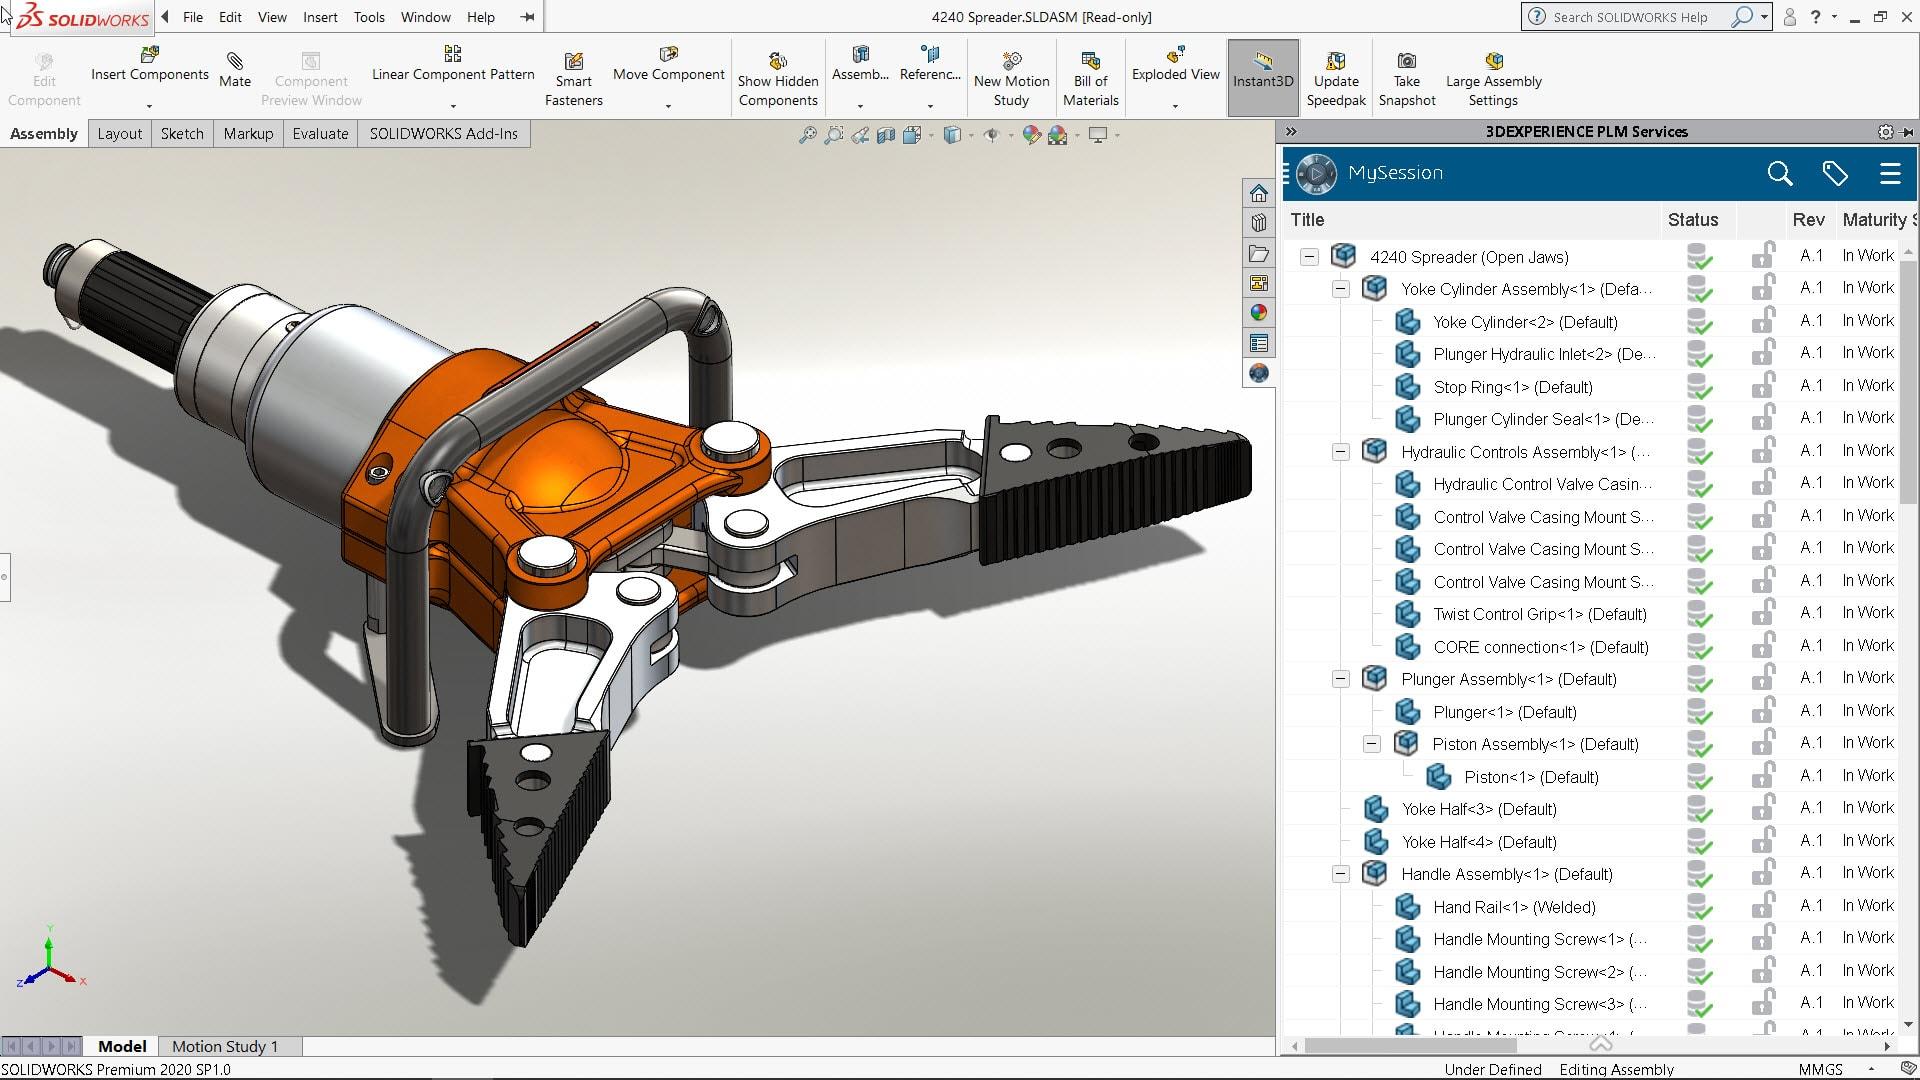 Speichern einer Verteiler-Baugruppe und von Teilen auf der 3DEXPERIENCE Plattform direkt von SOLIDWORKS aus.